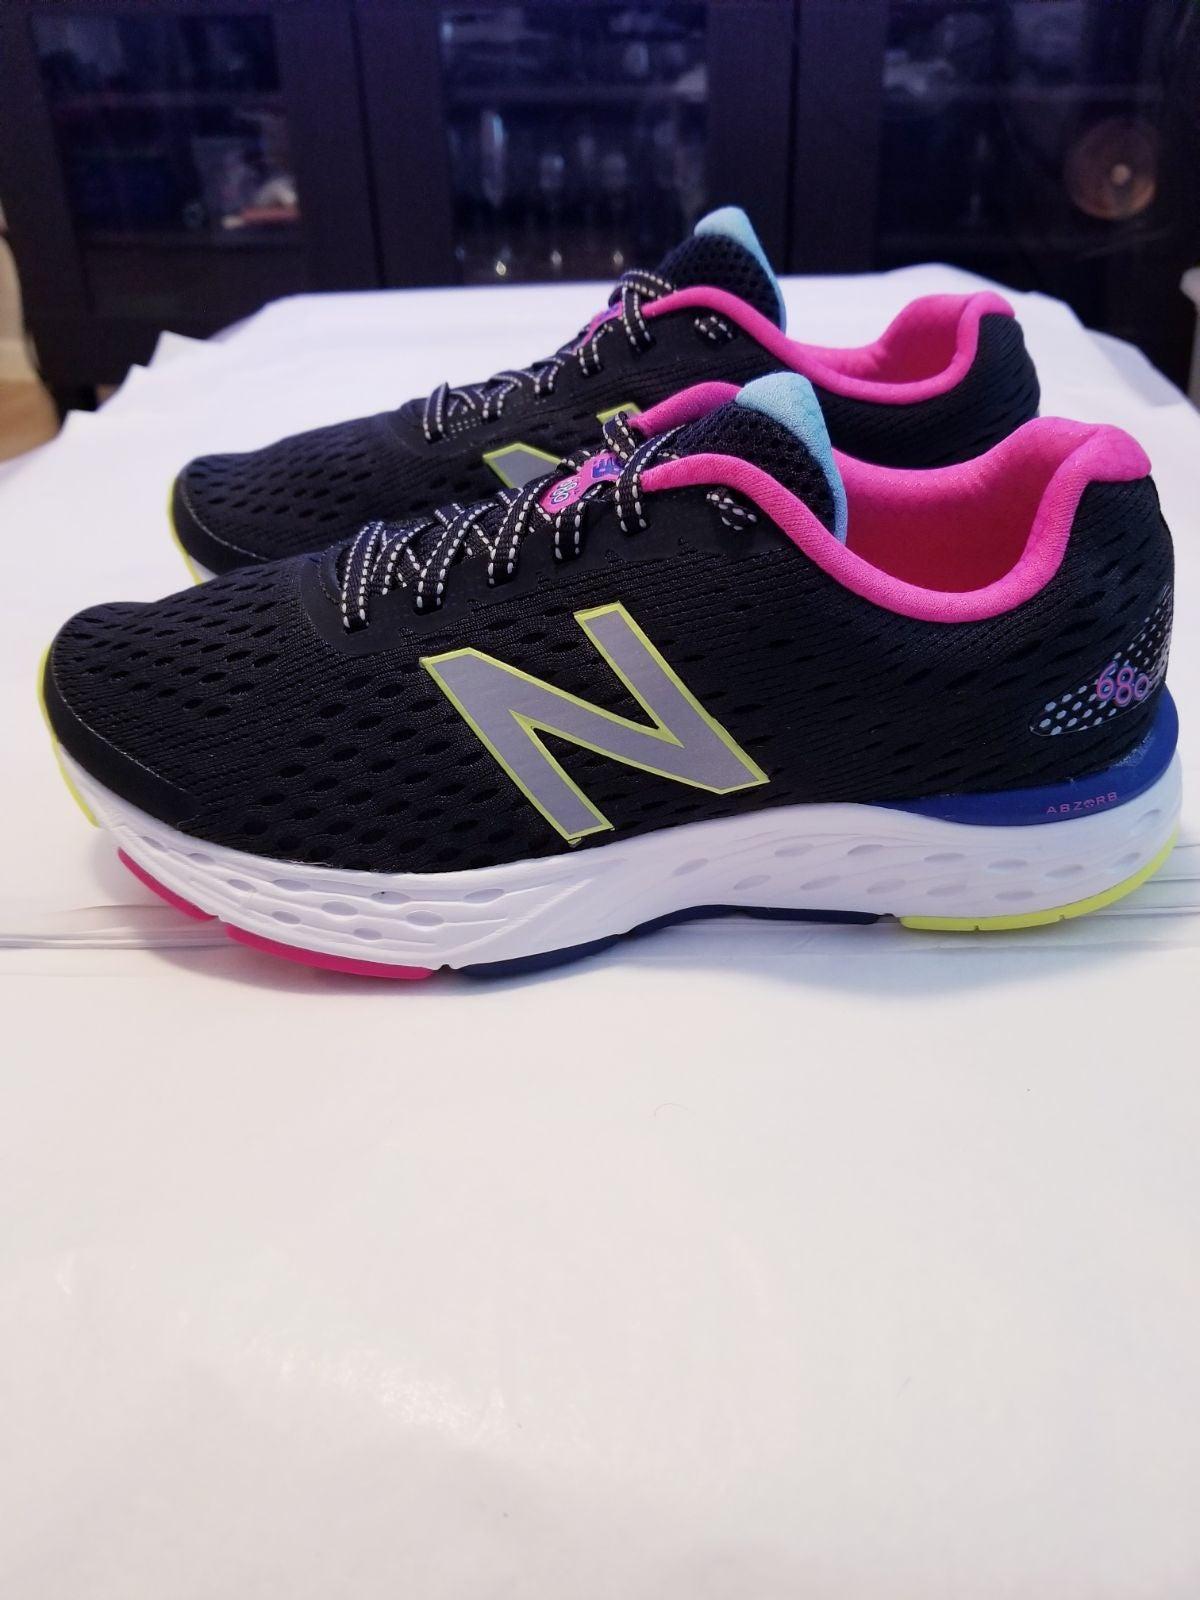 New Balance 680v6 Road Women's Runner